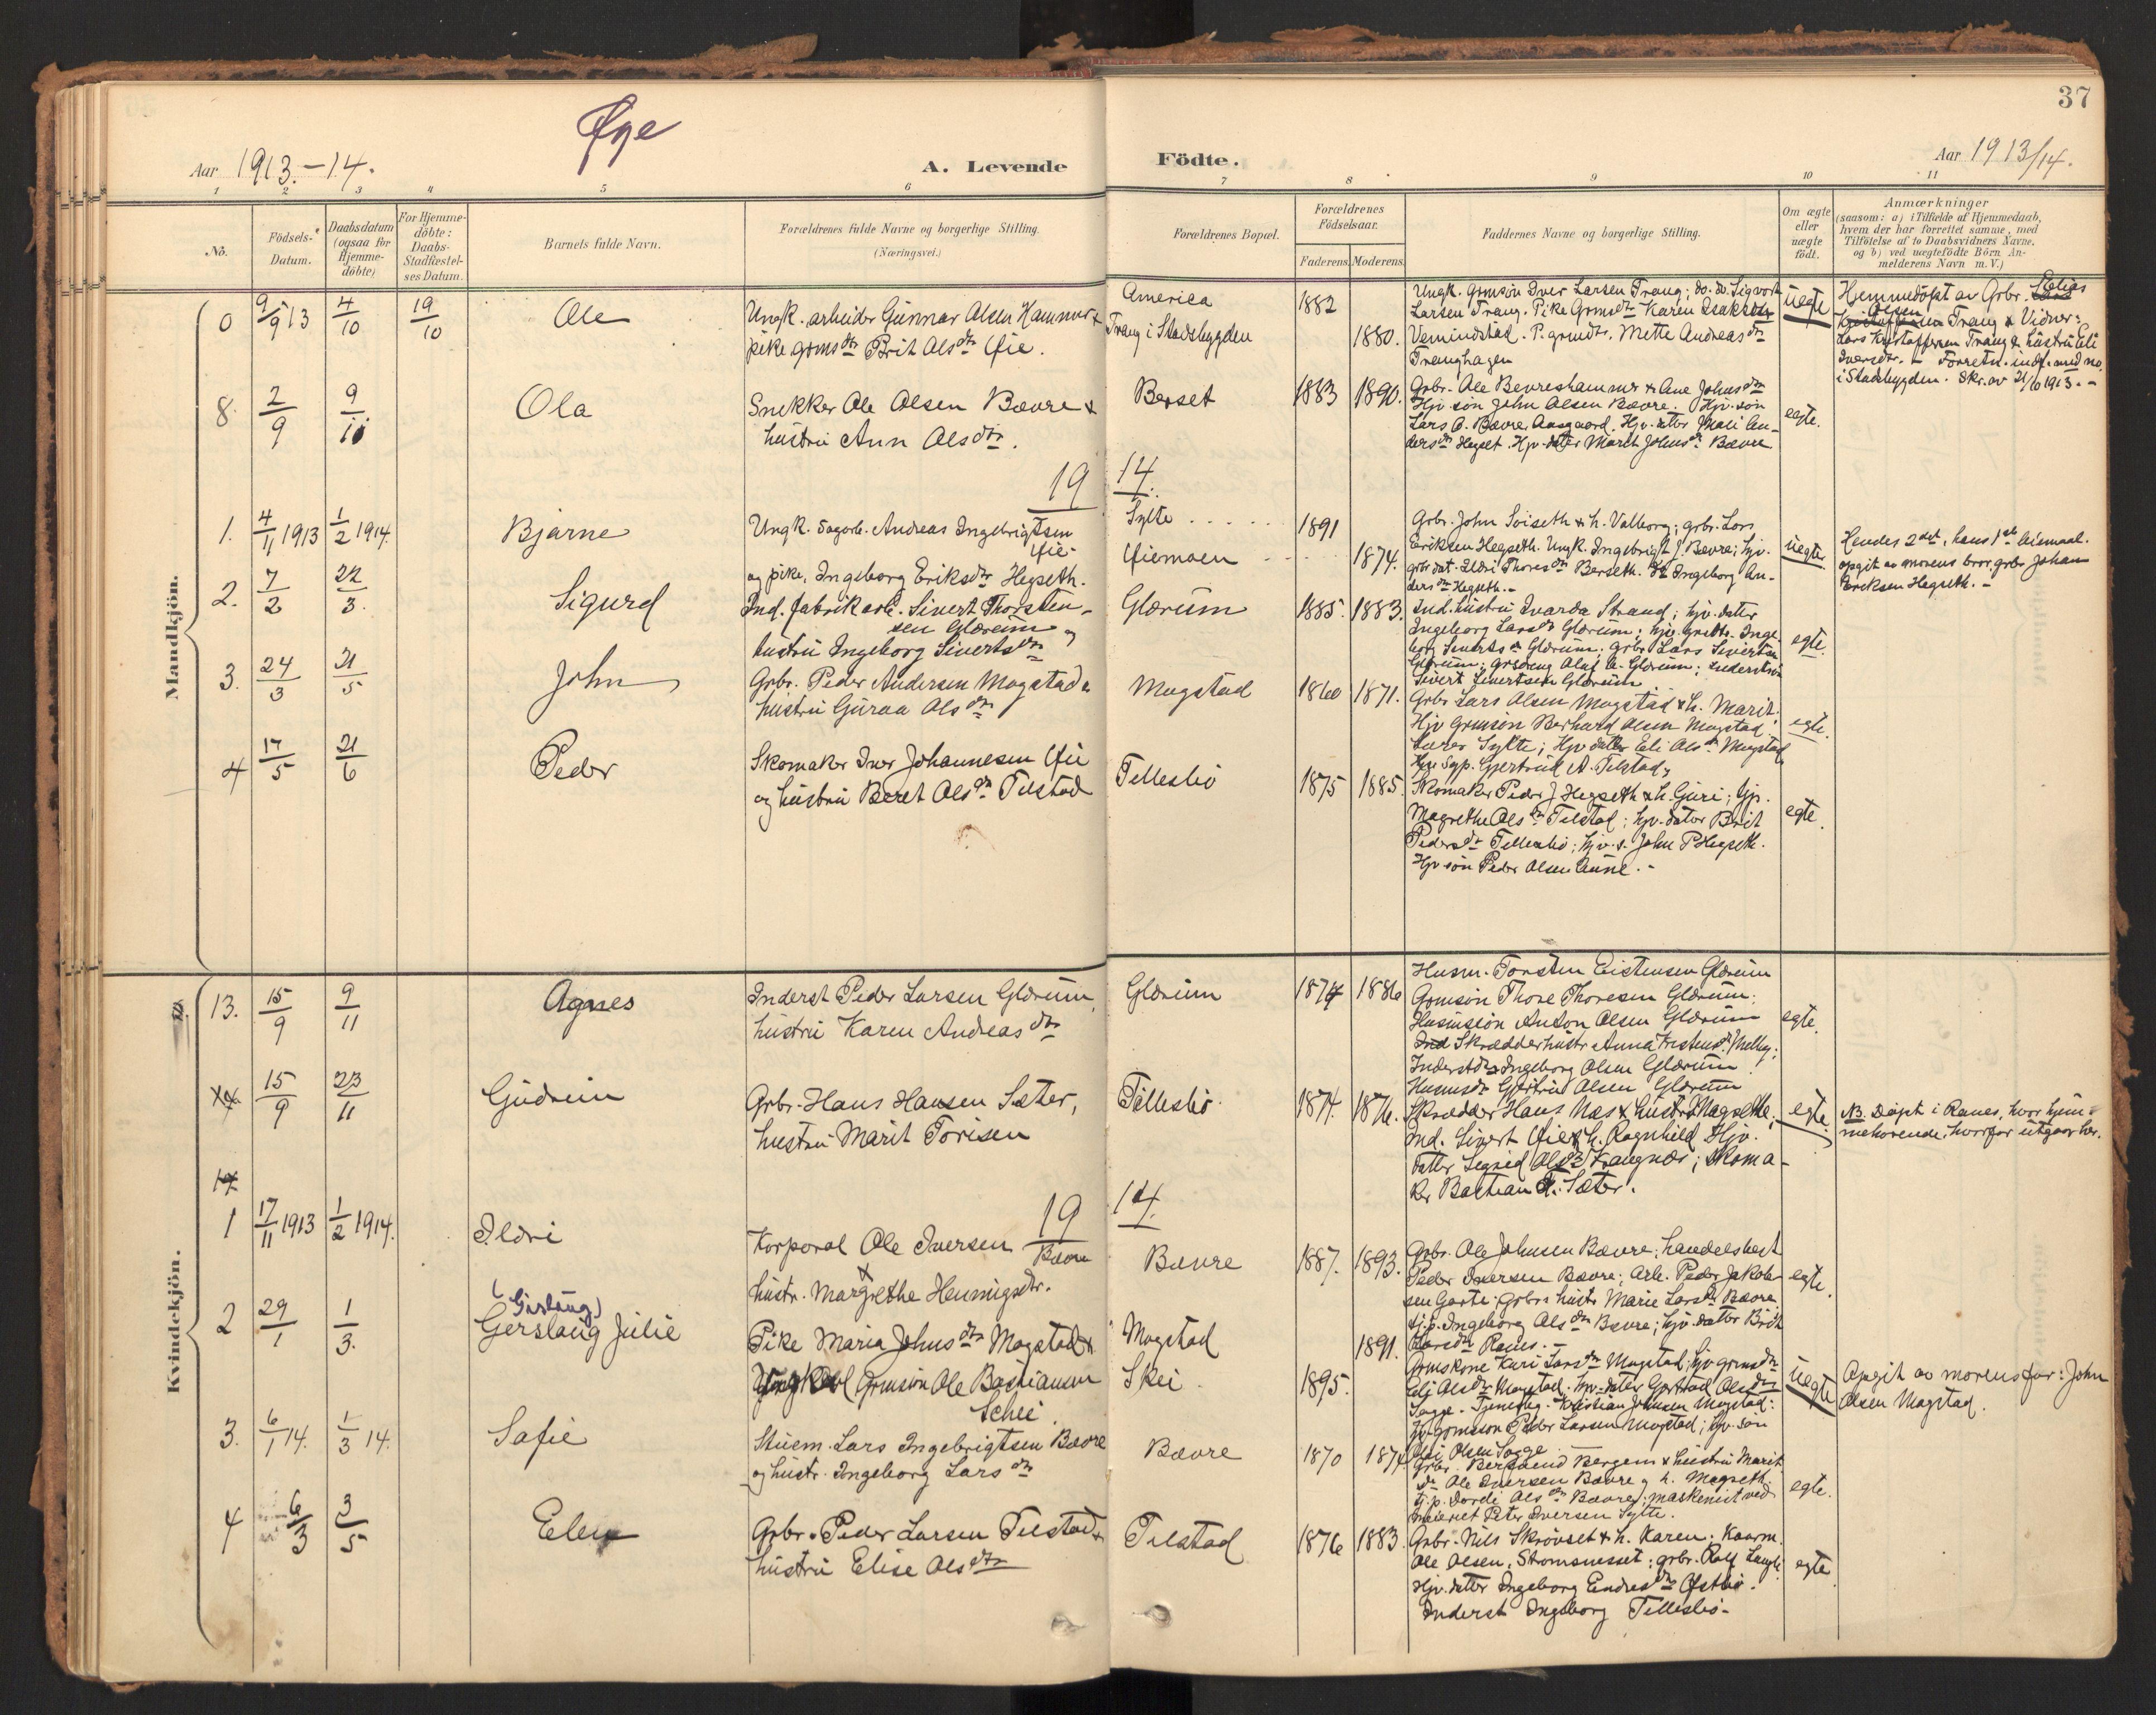 SAT, Ministerialprotokoller, klokkerbøker og fødselsregistre - Møre og Romsdal, 595/L1048: Ministerialbok nr. 595A10, 1900-1917, s. 37